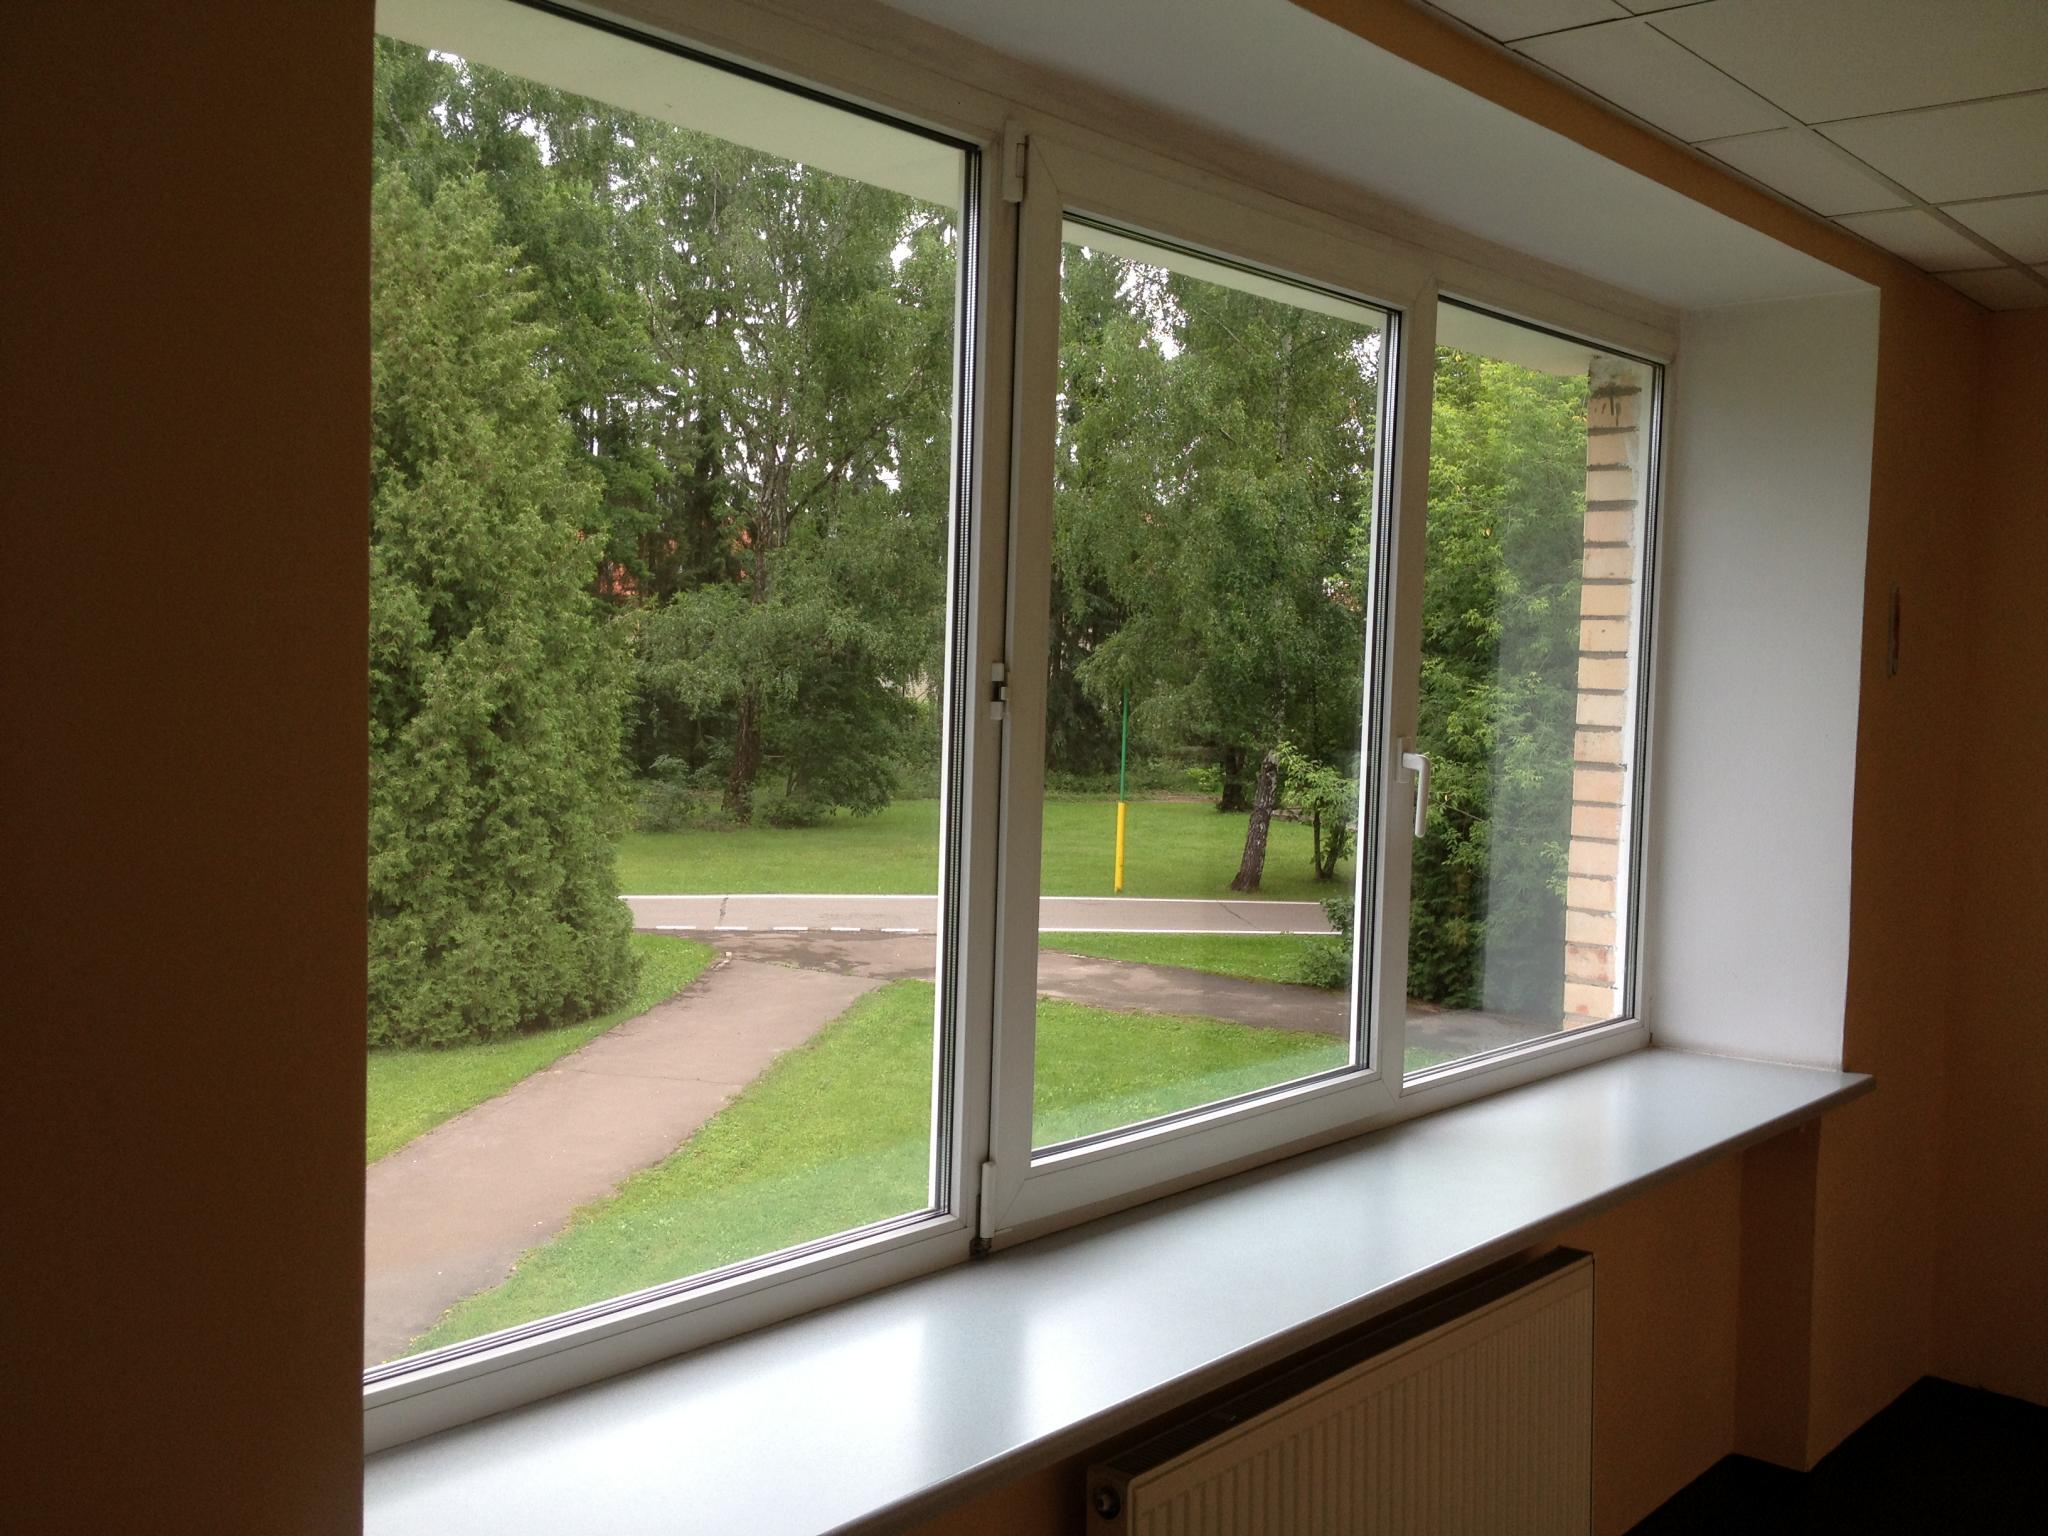 Окна балконы двери ролеты: 777 грн - дом и сад / строительст.